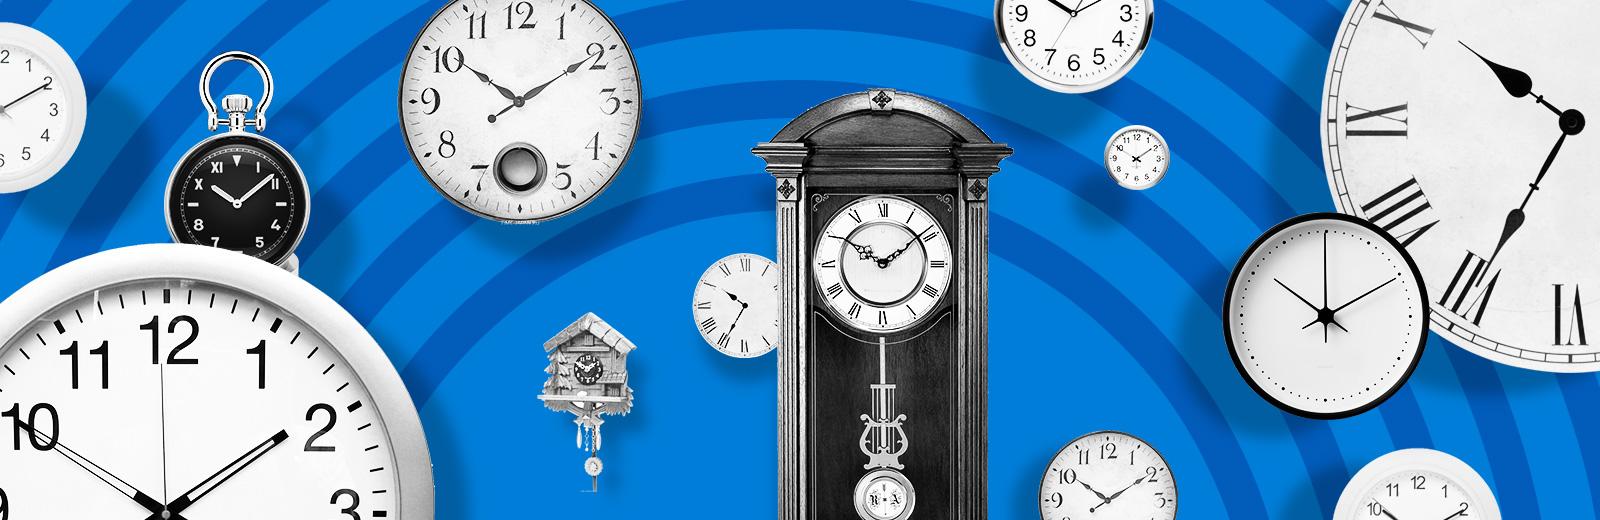 Как эффективно управлять своим временем: основные принципы тайм-менеджмента